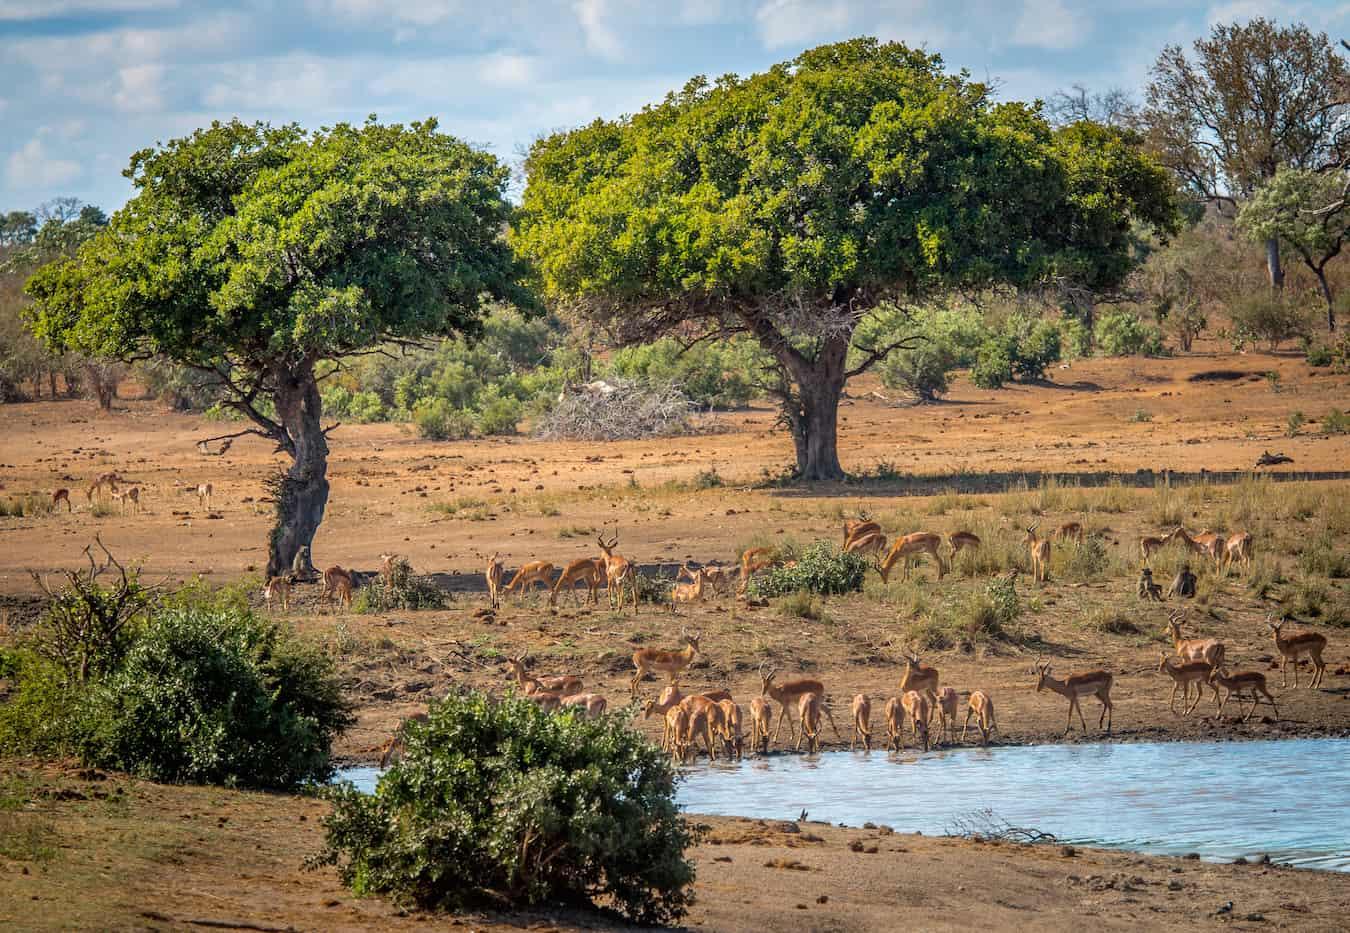 Impalas in Kruger National Park